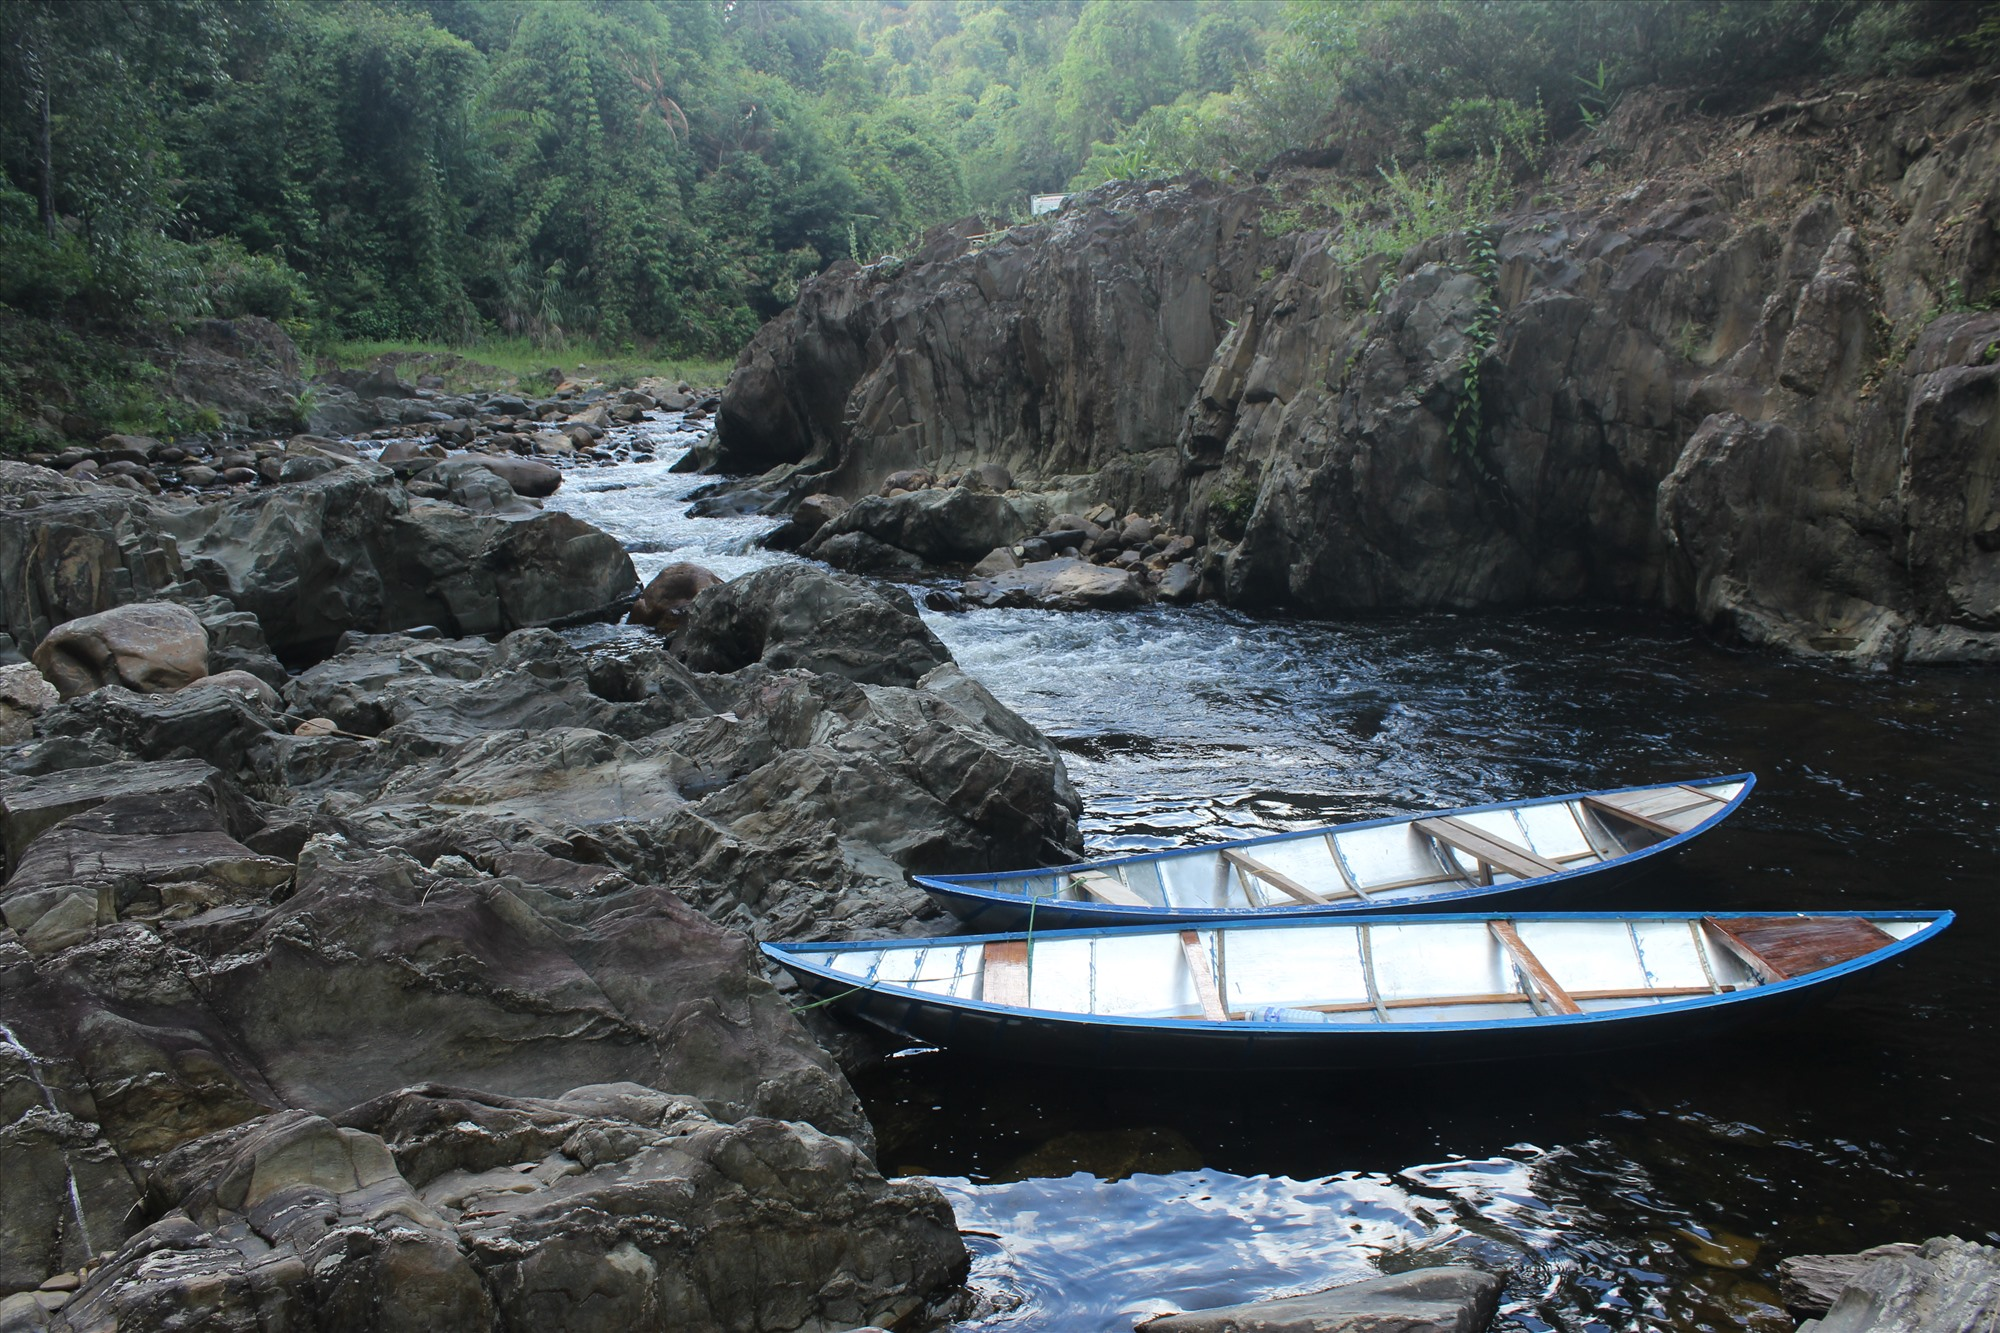 Con đường mưu sinh duy nhất của người dân làng Bút Tưa chỉ có chiếc ghe chèo tay hơn 2 giờ lênh đênh trên mặt hồ đưa họ đến được với rẫy nương. Ảnh: BHƠRIU QUÂN